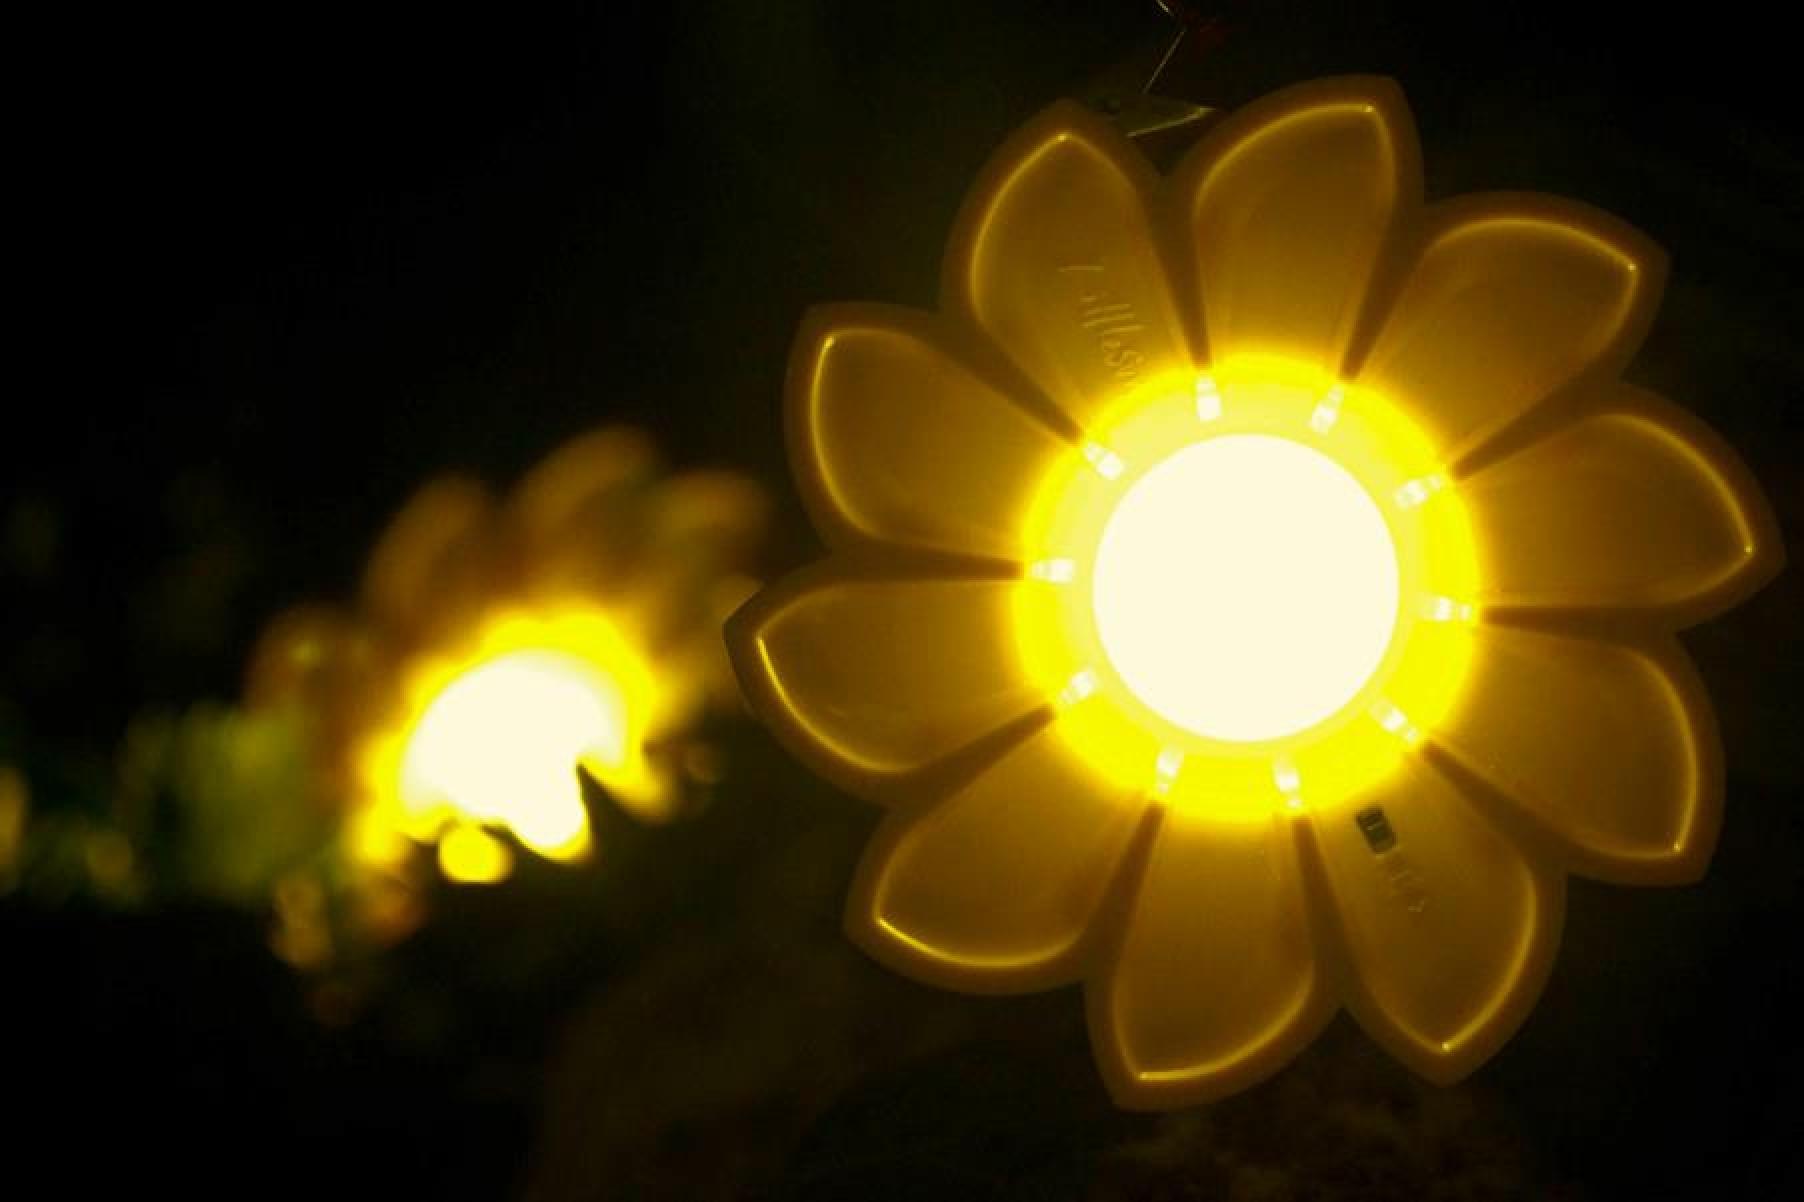 Olafor Eliasson - Little Sun